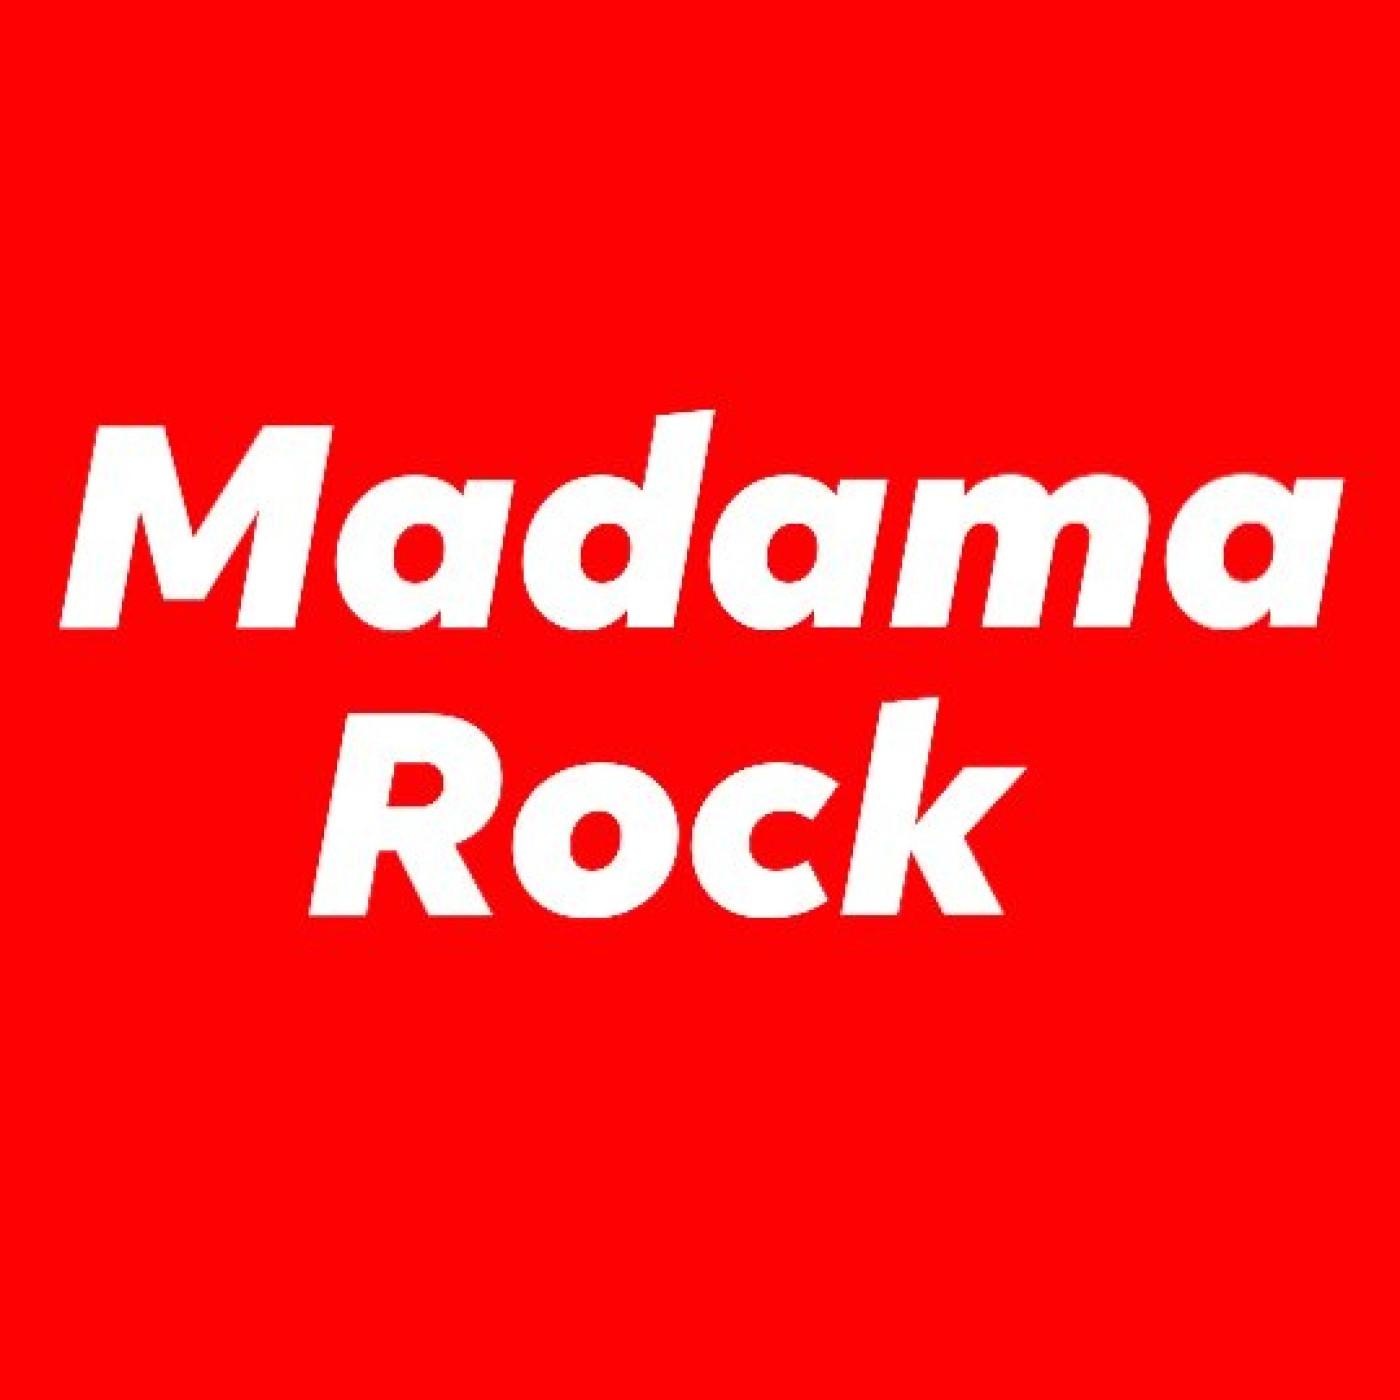 213Rock Podcast Madama Rock Chris Garrel Harrag Melodica Rock News 10 08 2020